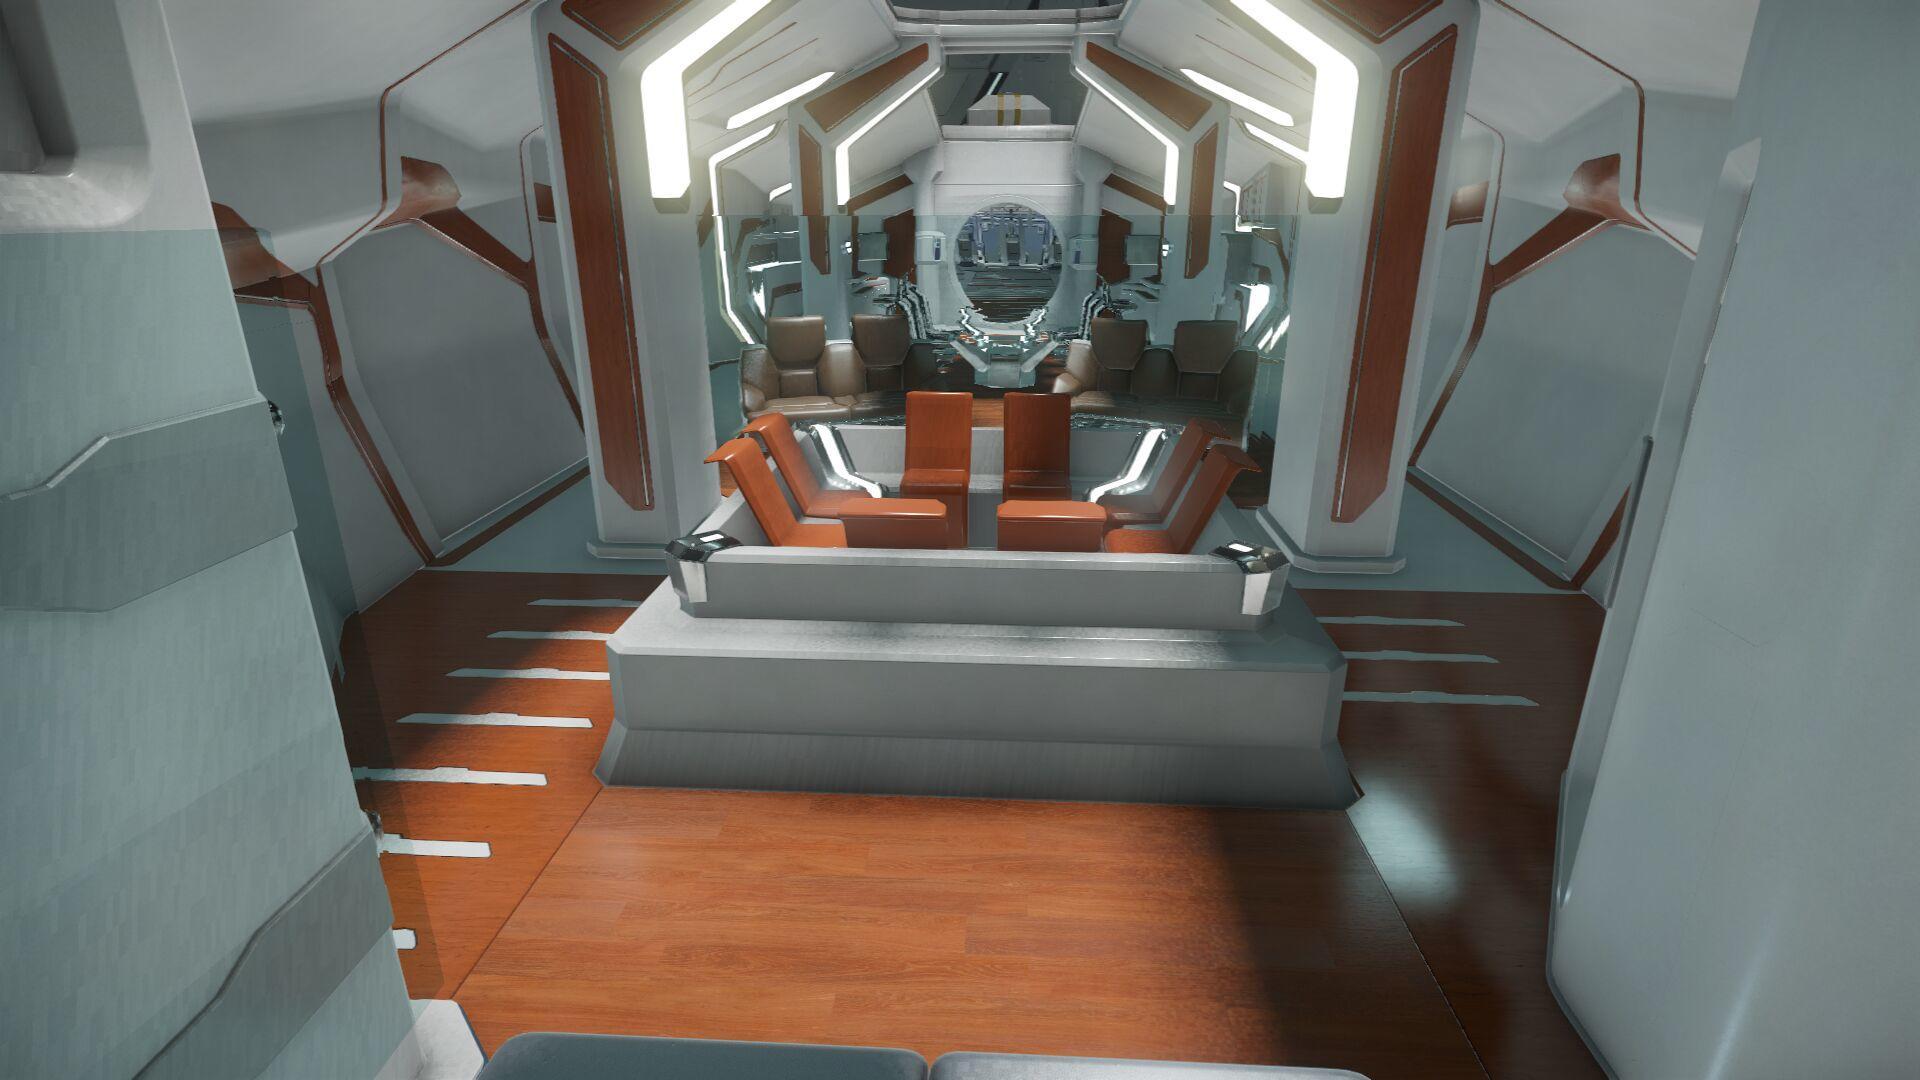 Wygląd wnętrza - główny pokład - sekcja dla gości - jakuzzi